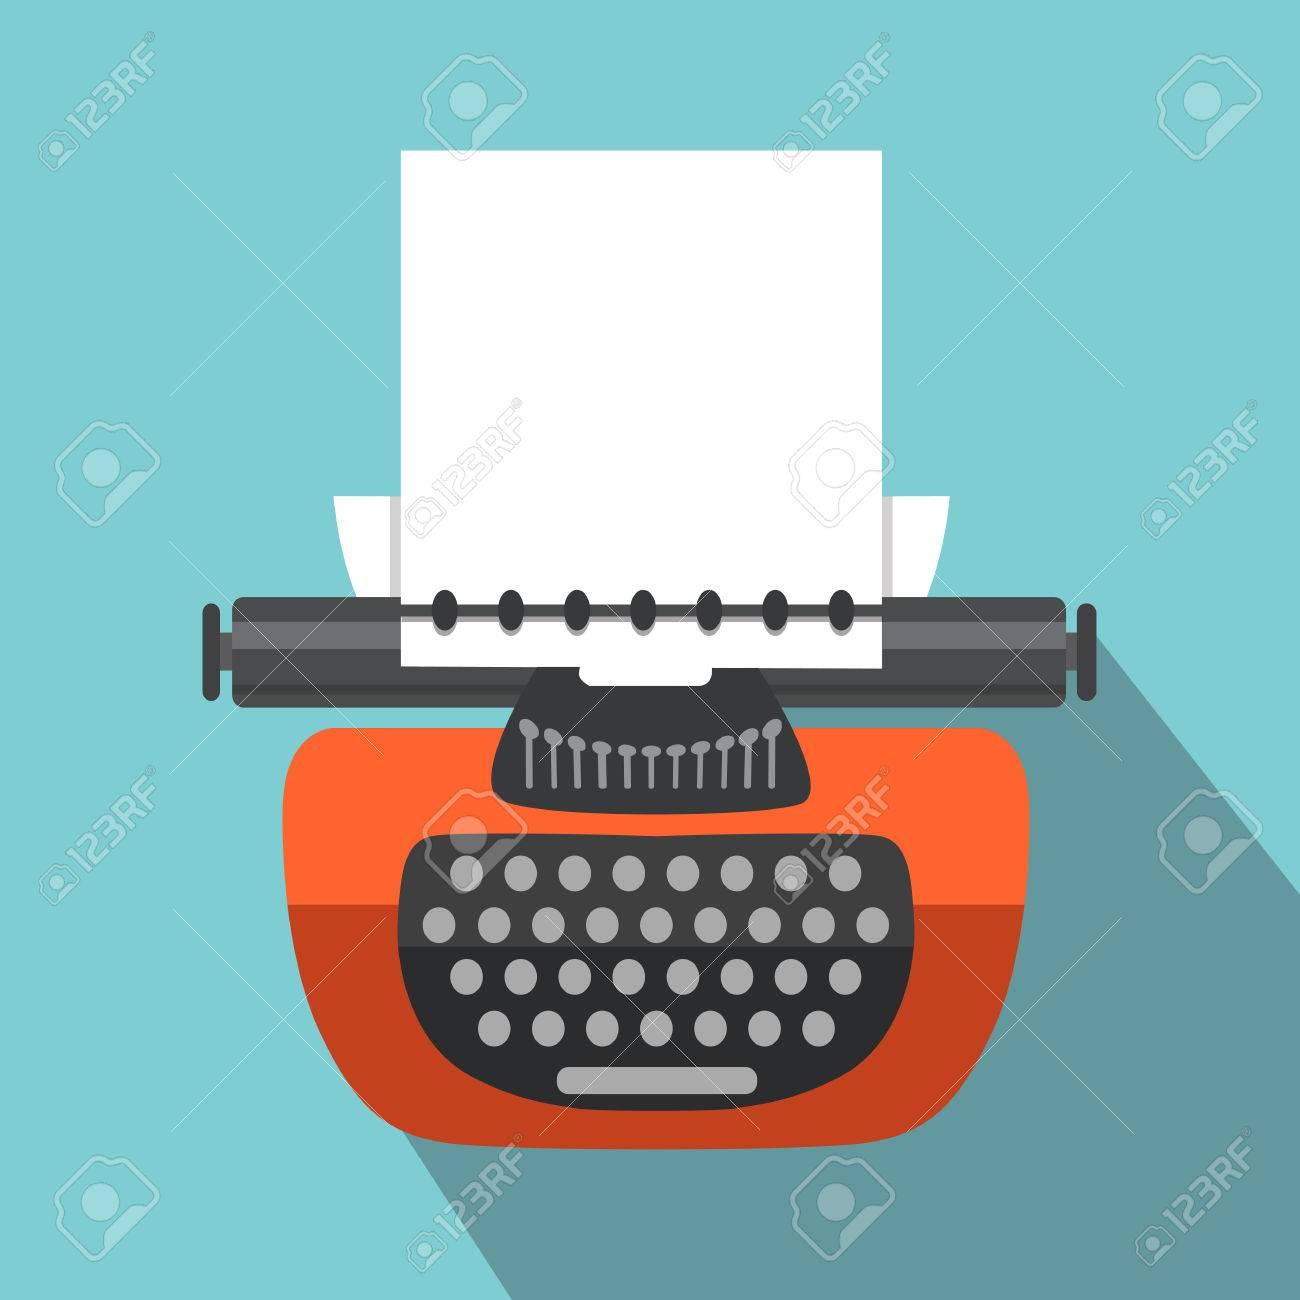 Isolierte Vintage Schreibmaschine Retro Ausrüstung Wohnung Stil